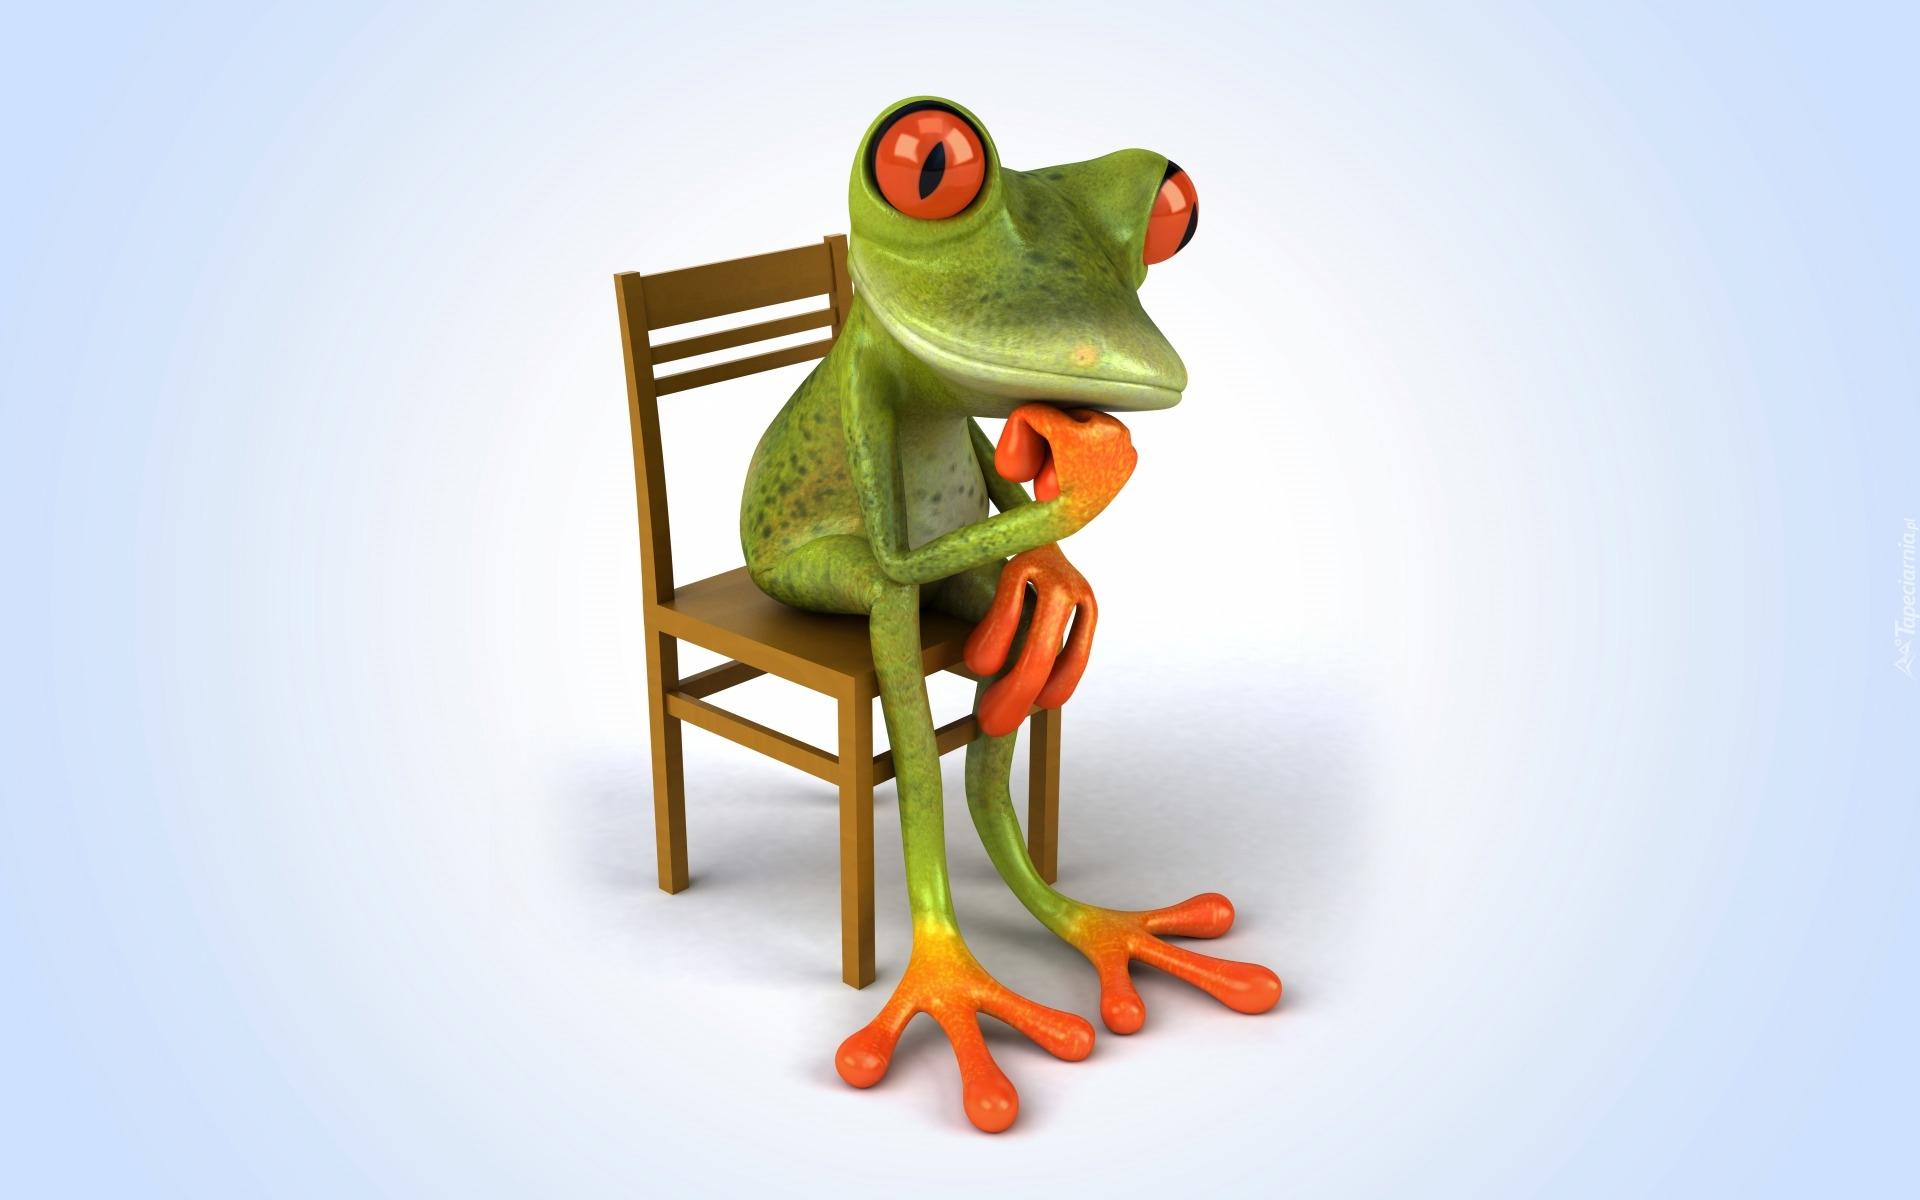 Happy Birthday Hd 3d Wallpaper Zamyślona żaba Siedzi Na Krześle